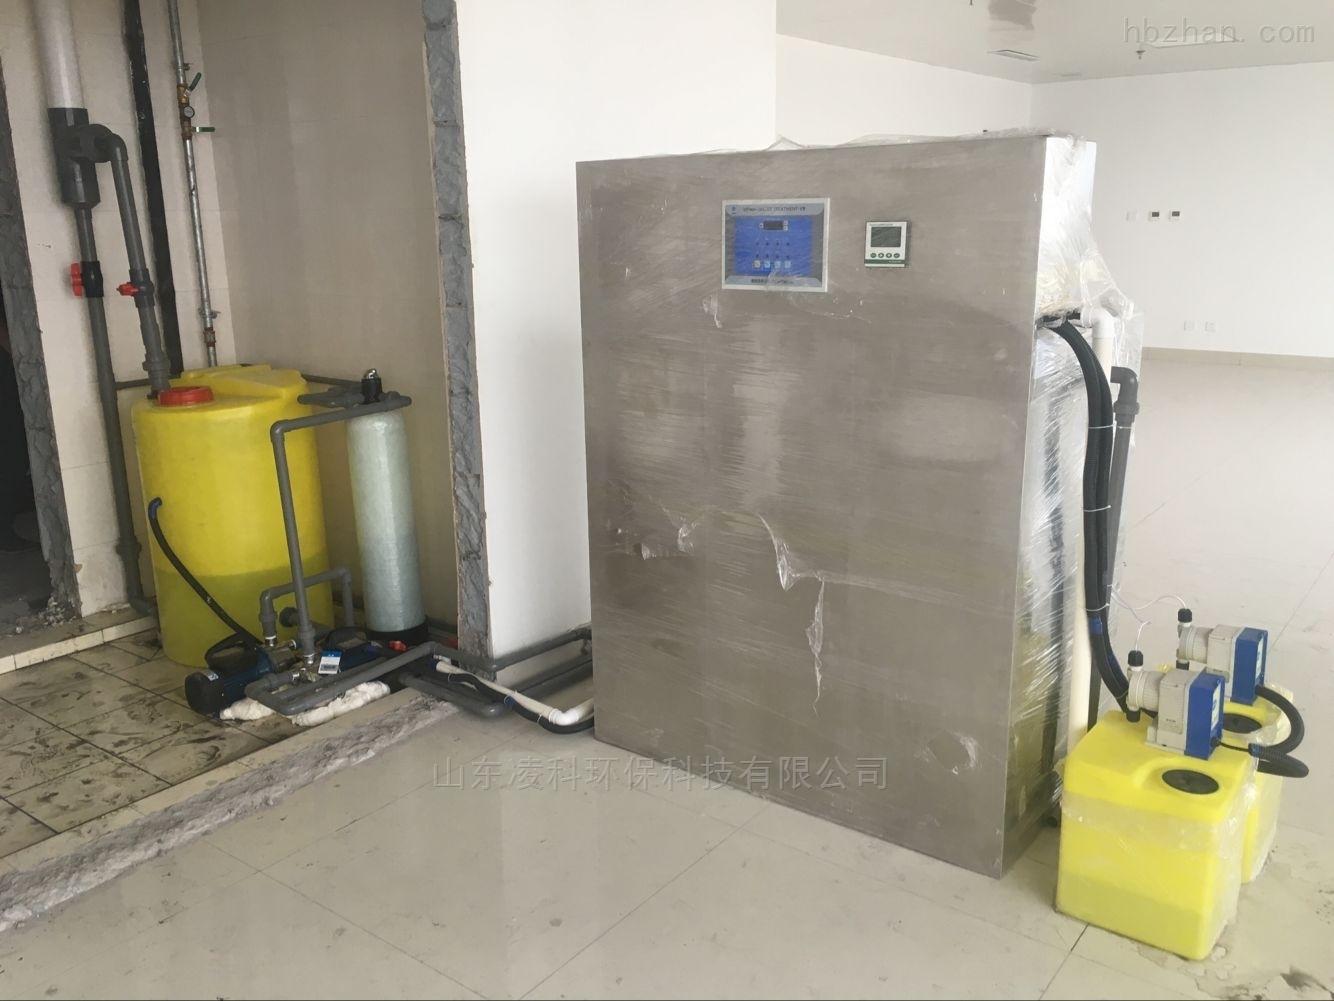 凌科环保核酸检测实验室污水处理设备达标排放